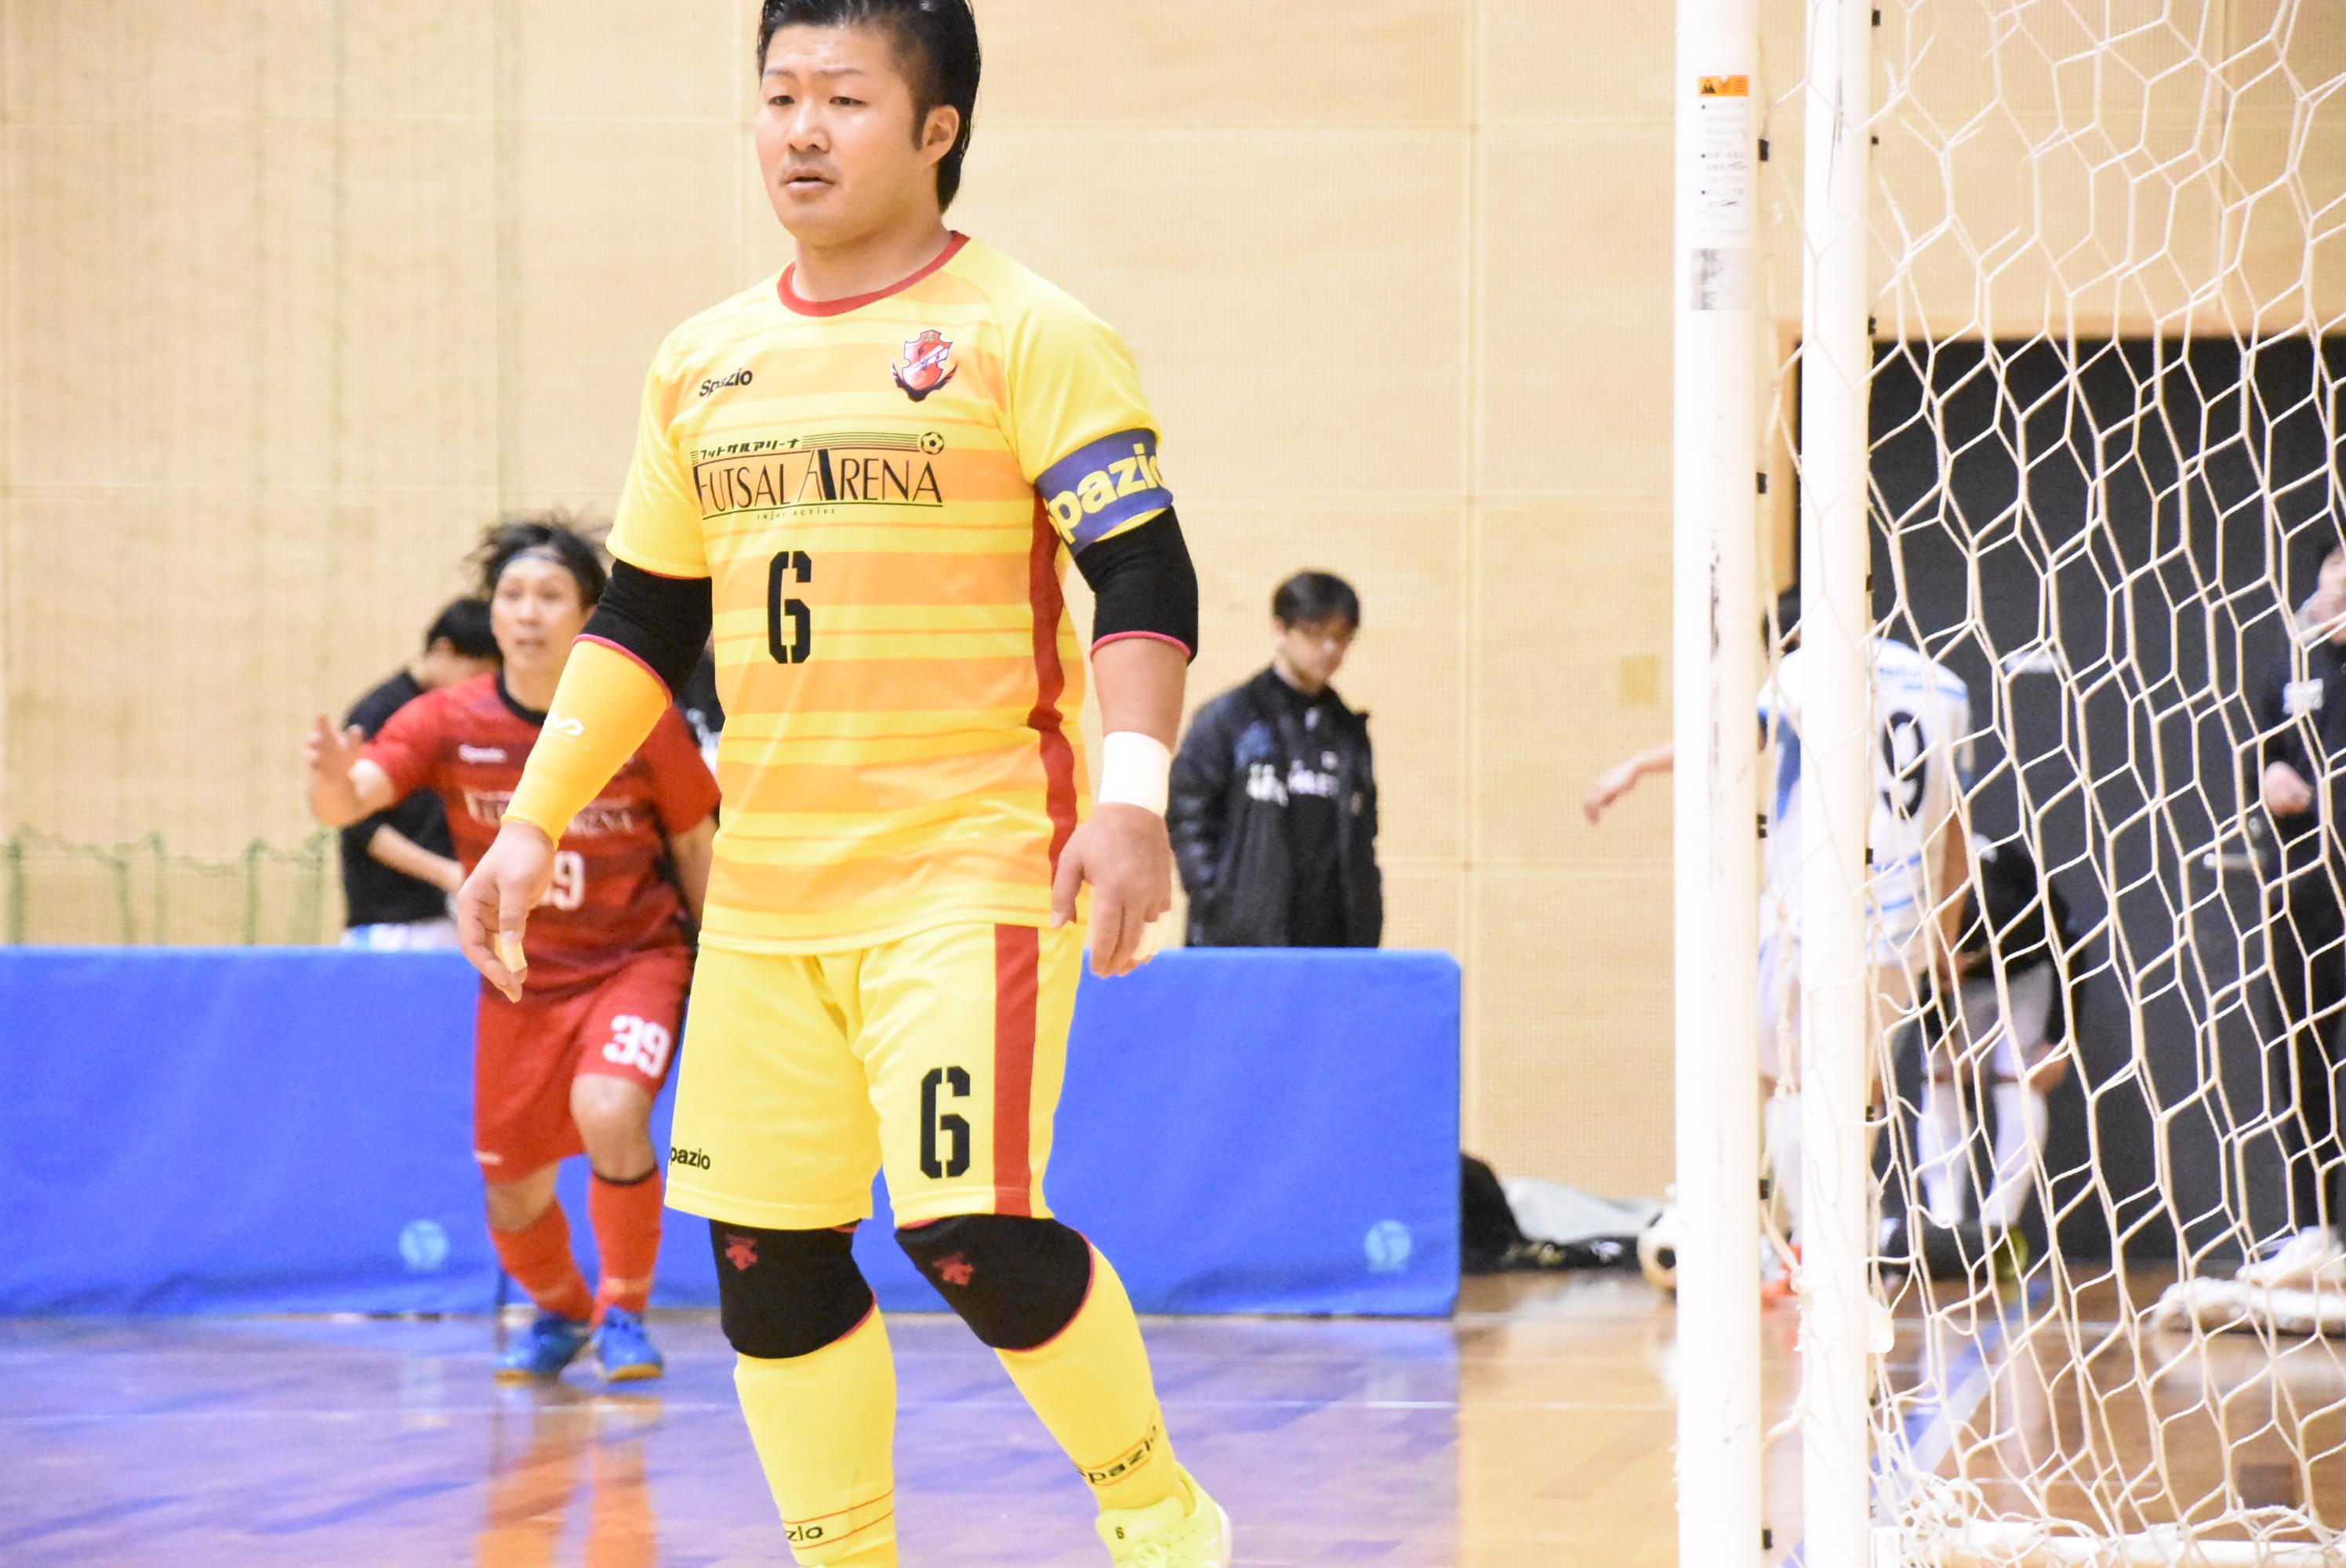 【愛知県1部第8節インタビュー】PRIDE/futsal arena 平松 法大選手「自分の特長だと思っているスローだけは誰にも負けないと思っています」